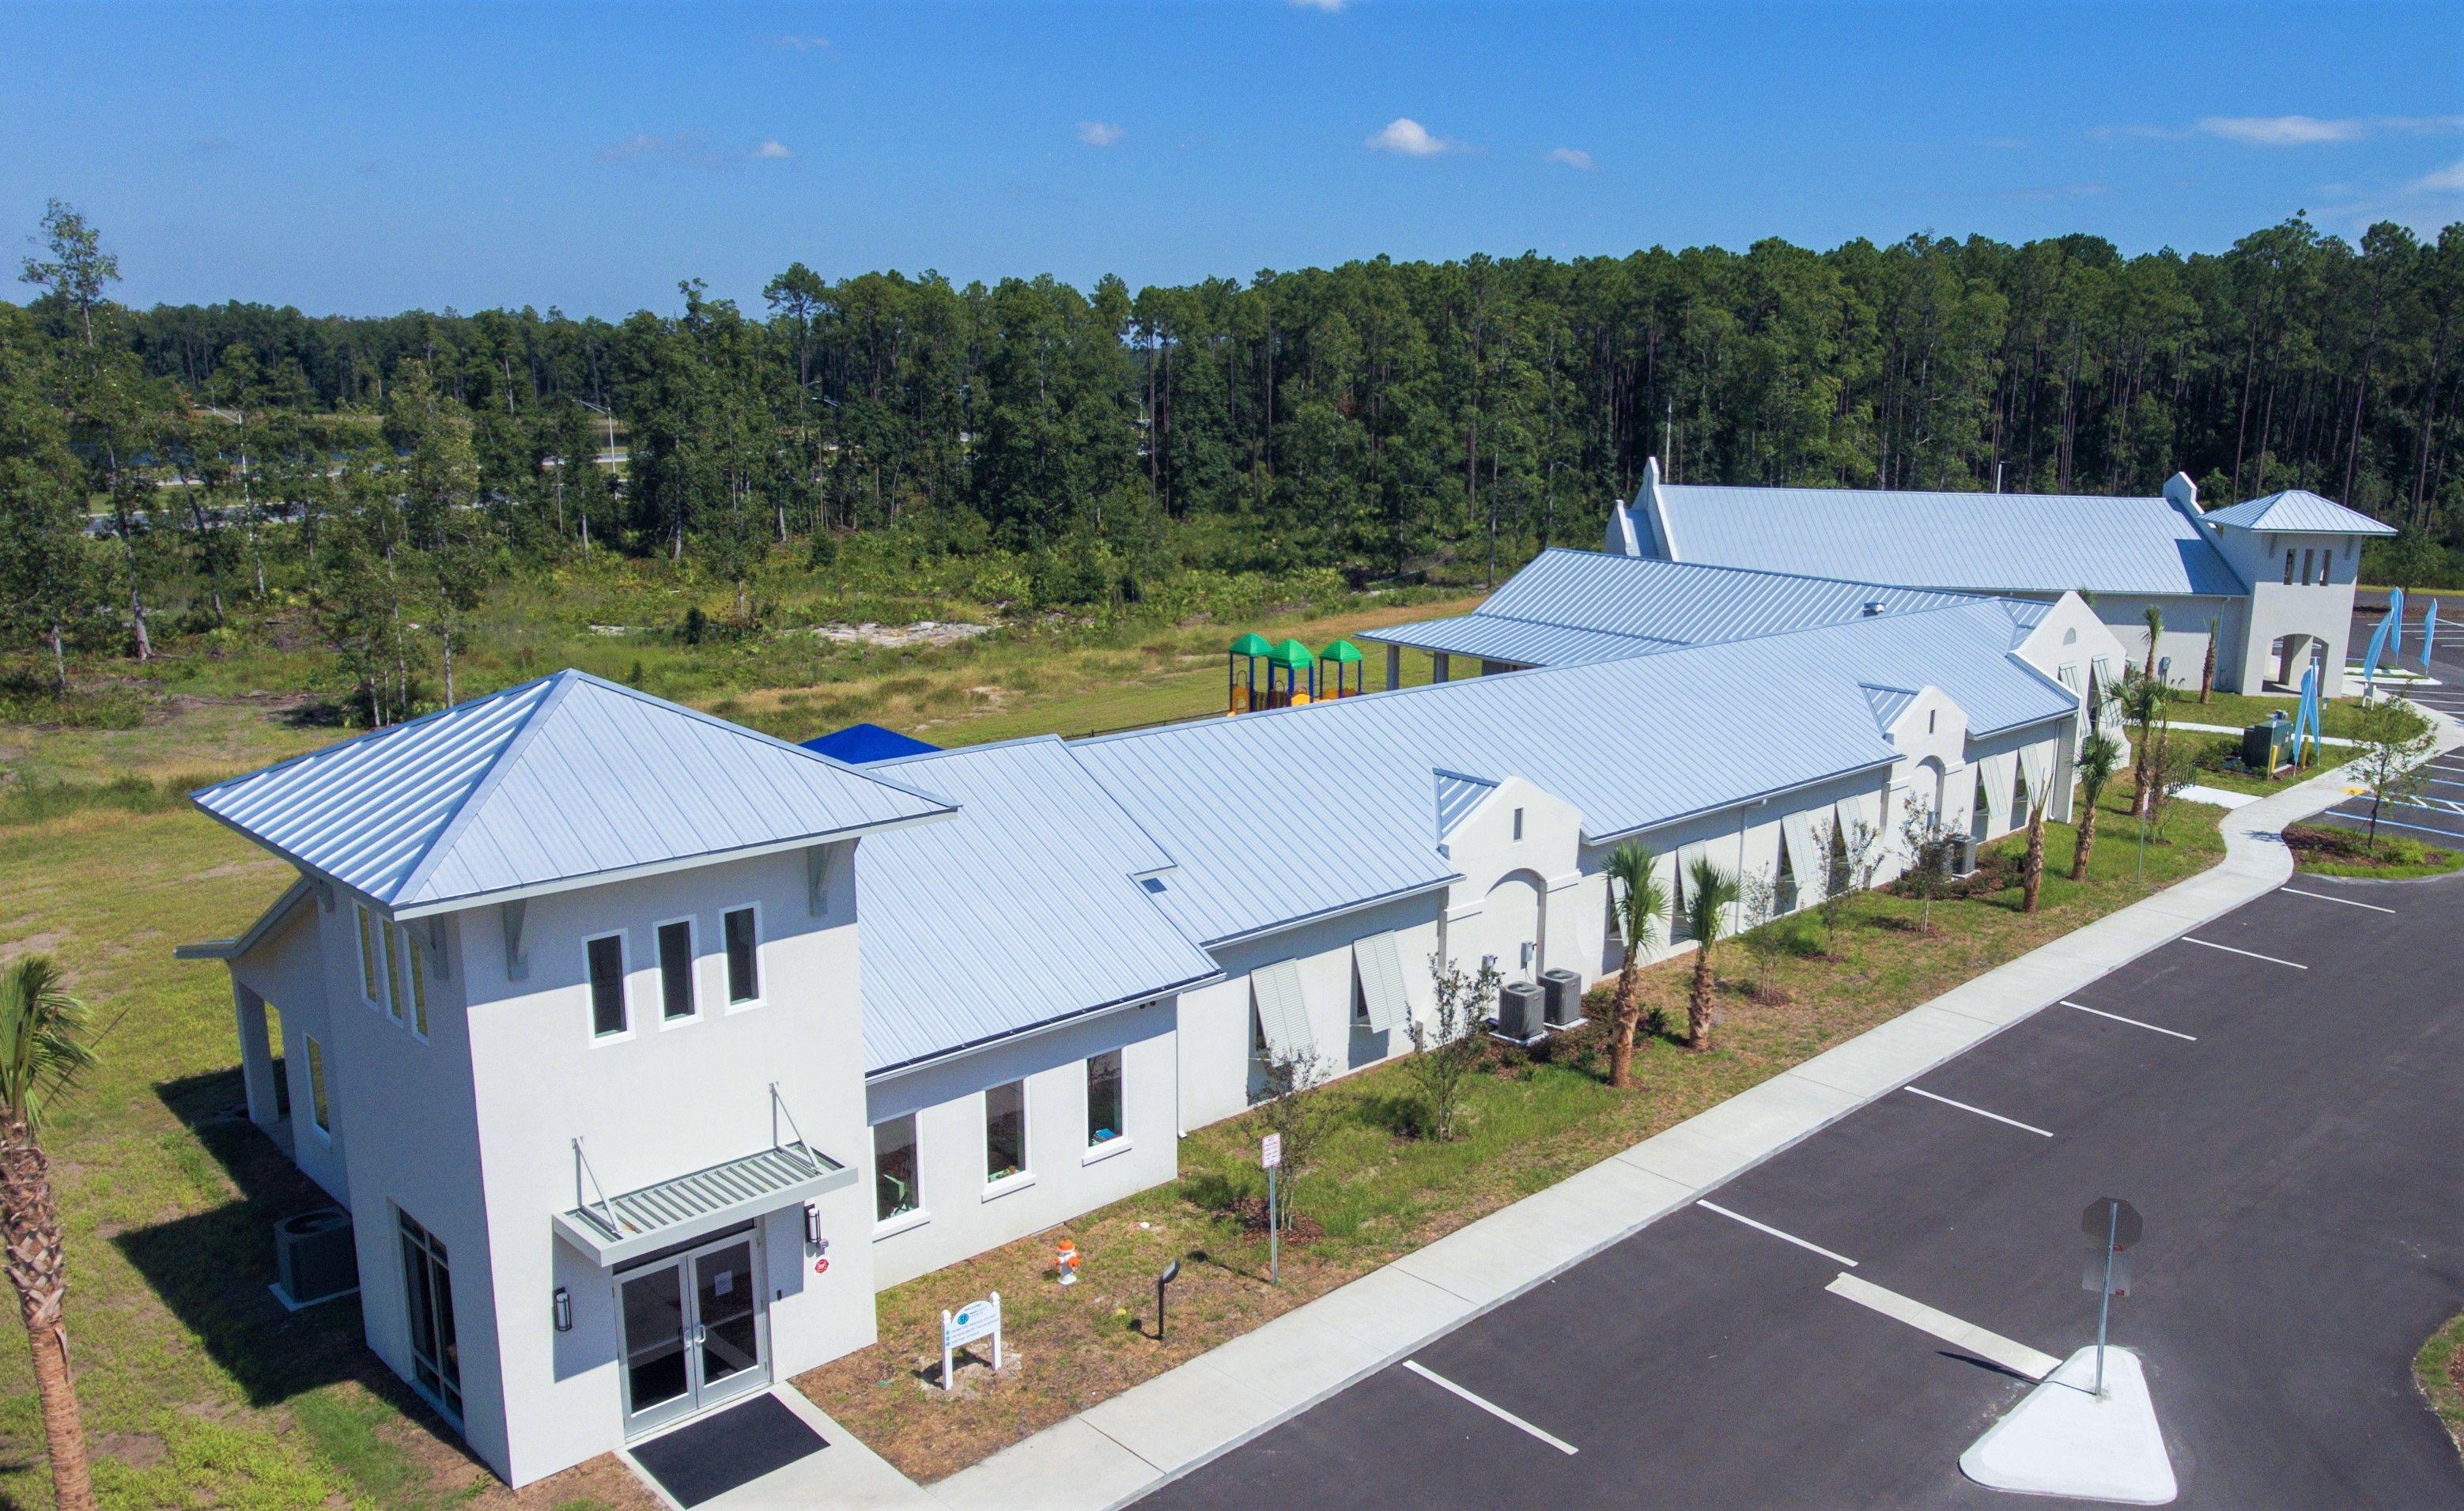 Commercial Roofing Jacksonville Fl Weatherlock Roofing Contractor In 2020 Commercial Roofing Roofing Contractors Roofing